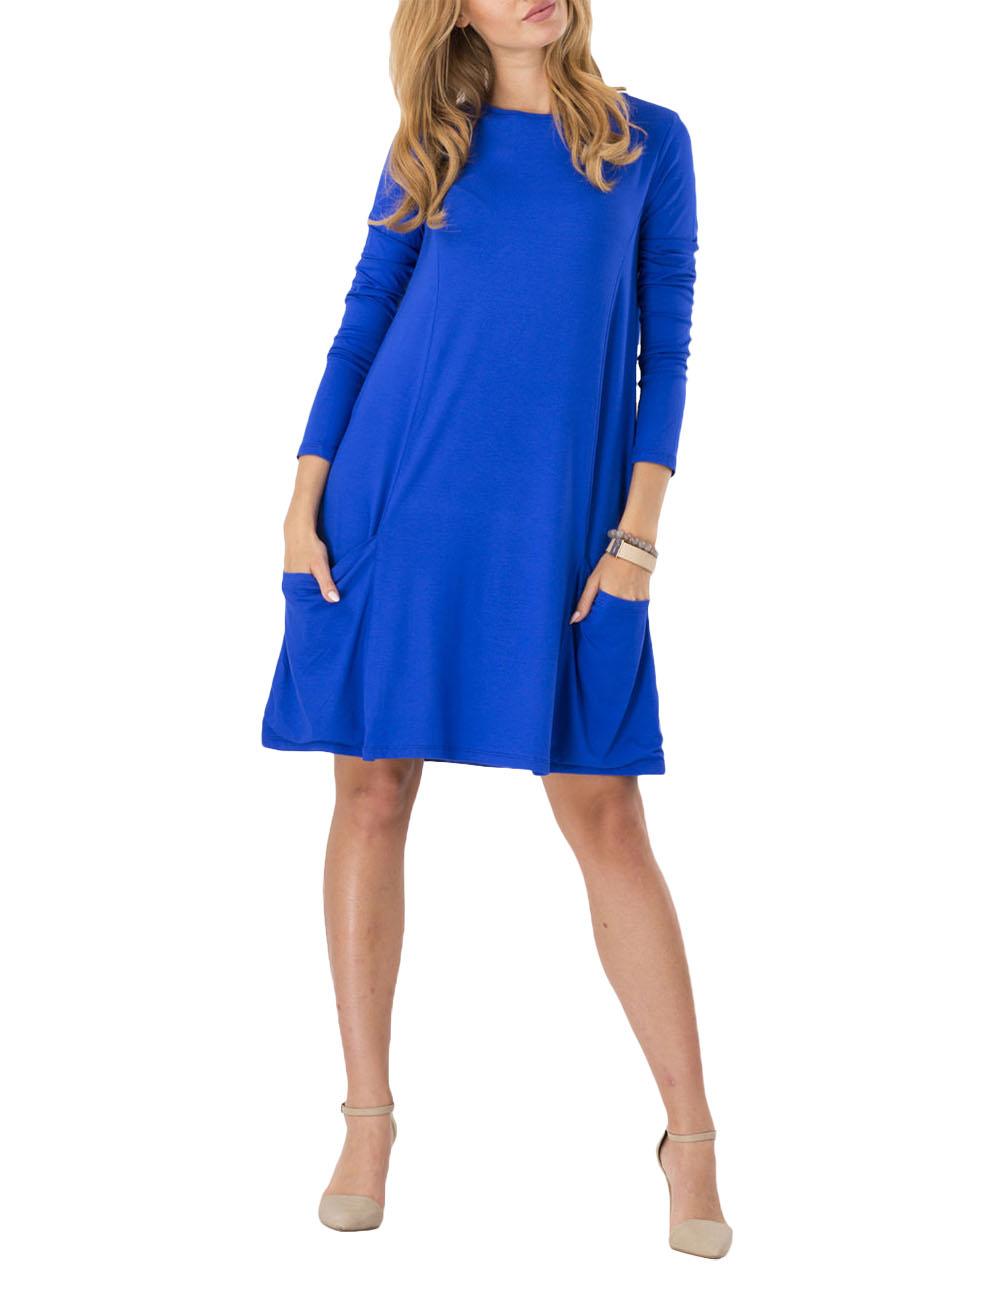 [US Direct] Leadingstar Women's Fashion Basic Long Sleeve Pockets Casual Swing Plain Work Wear Dress